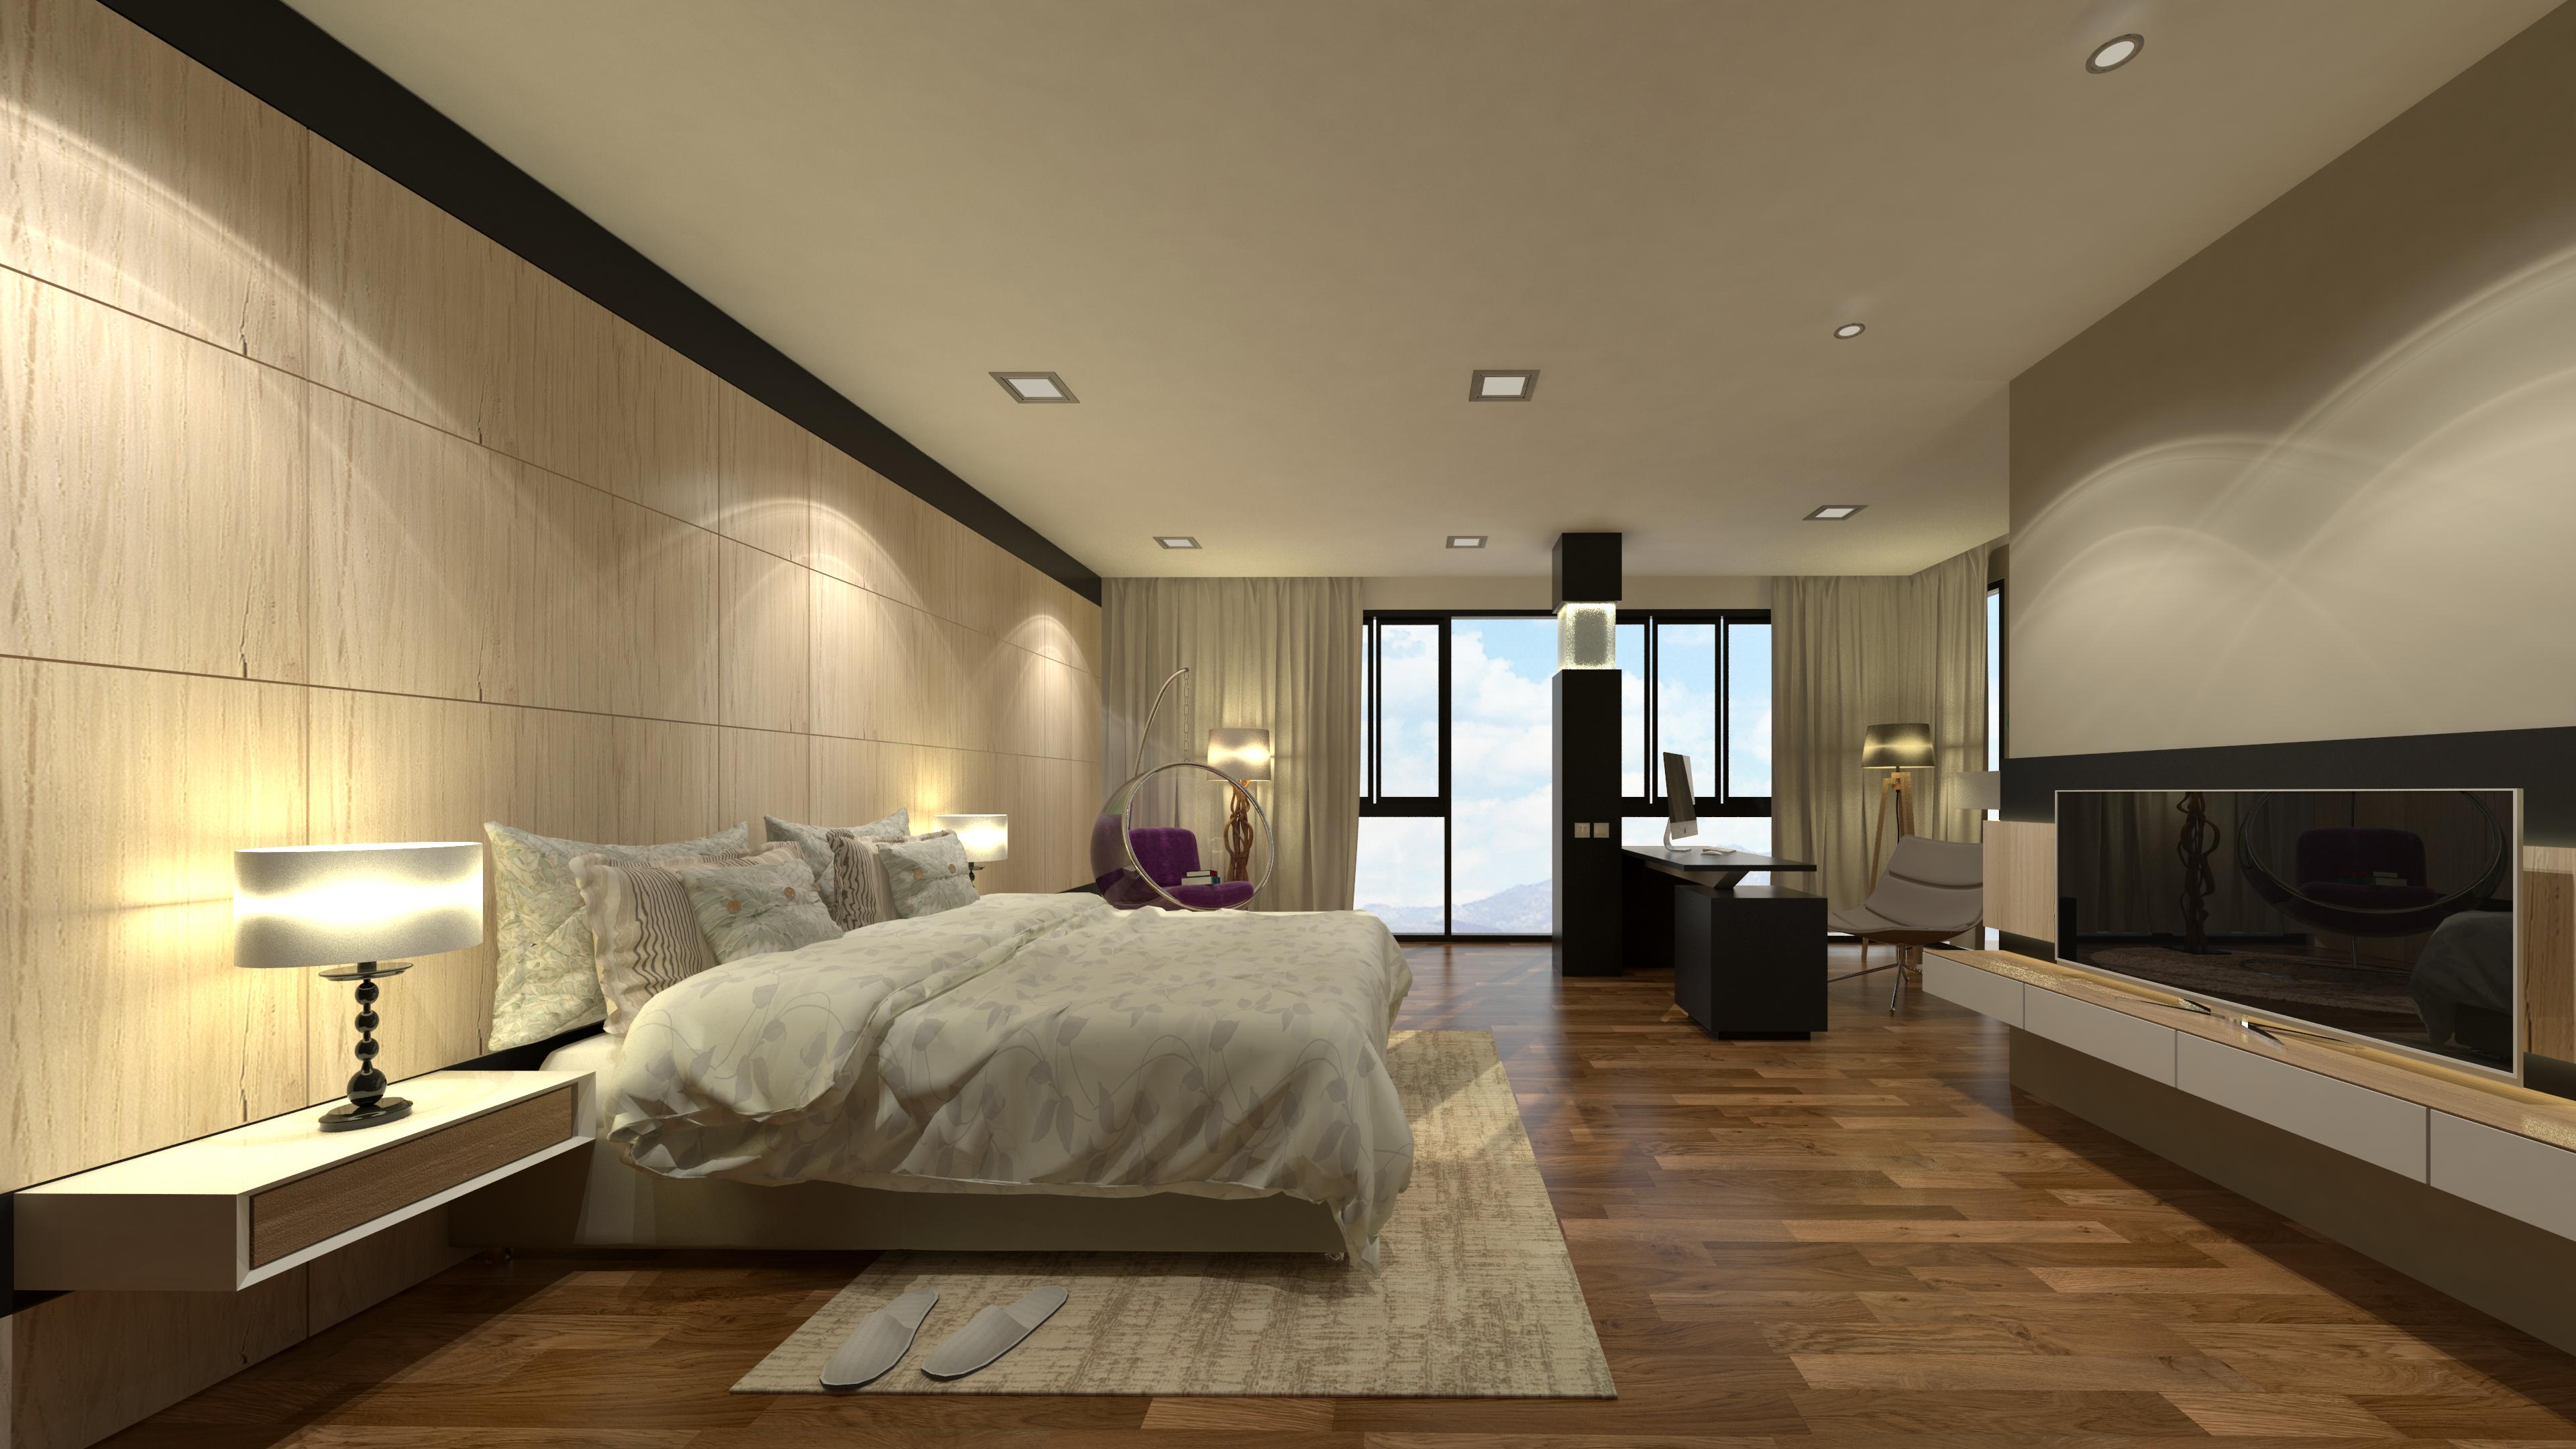 bedroom sene 4 PS